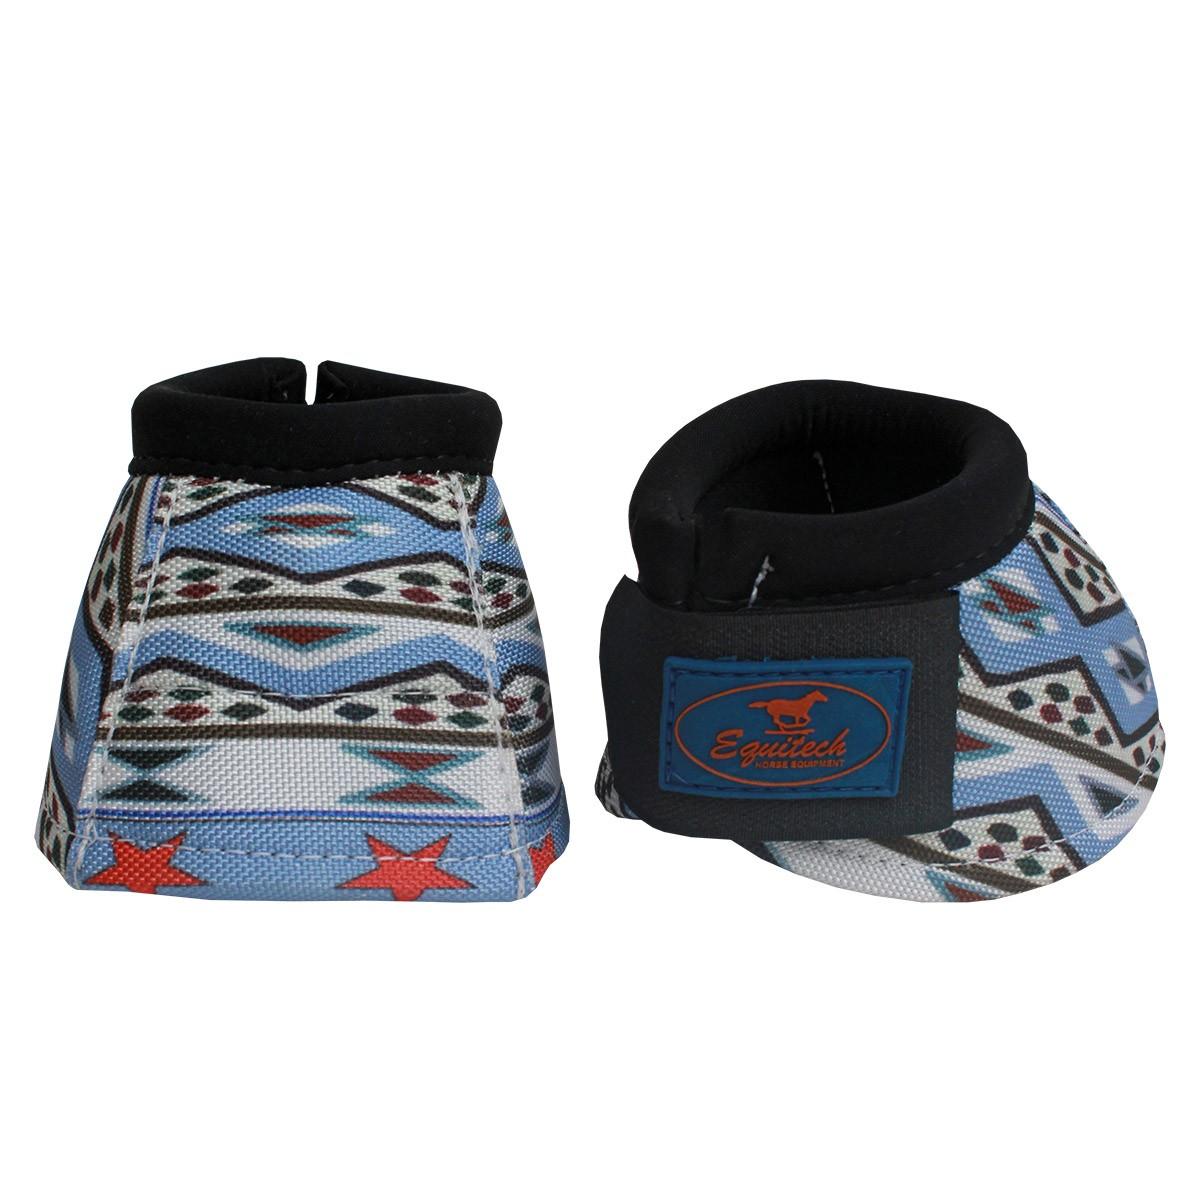 Cloche Equitech De Neoprene Estampa Navajo Azul